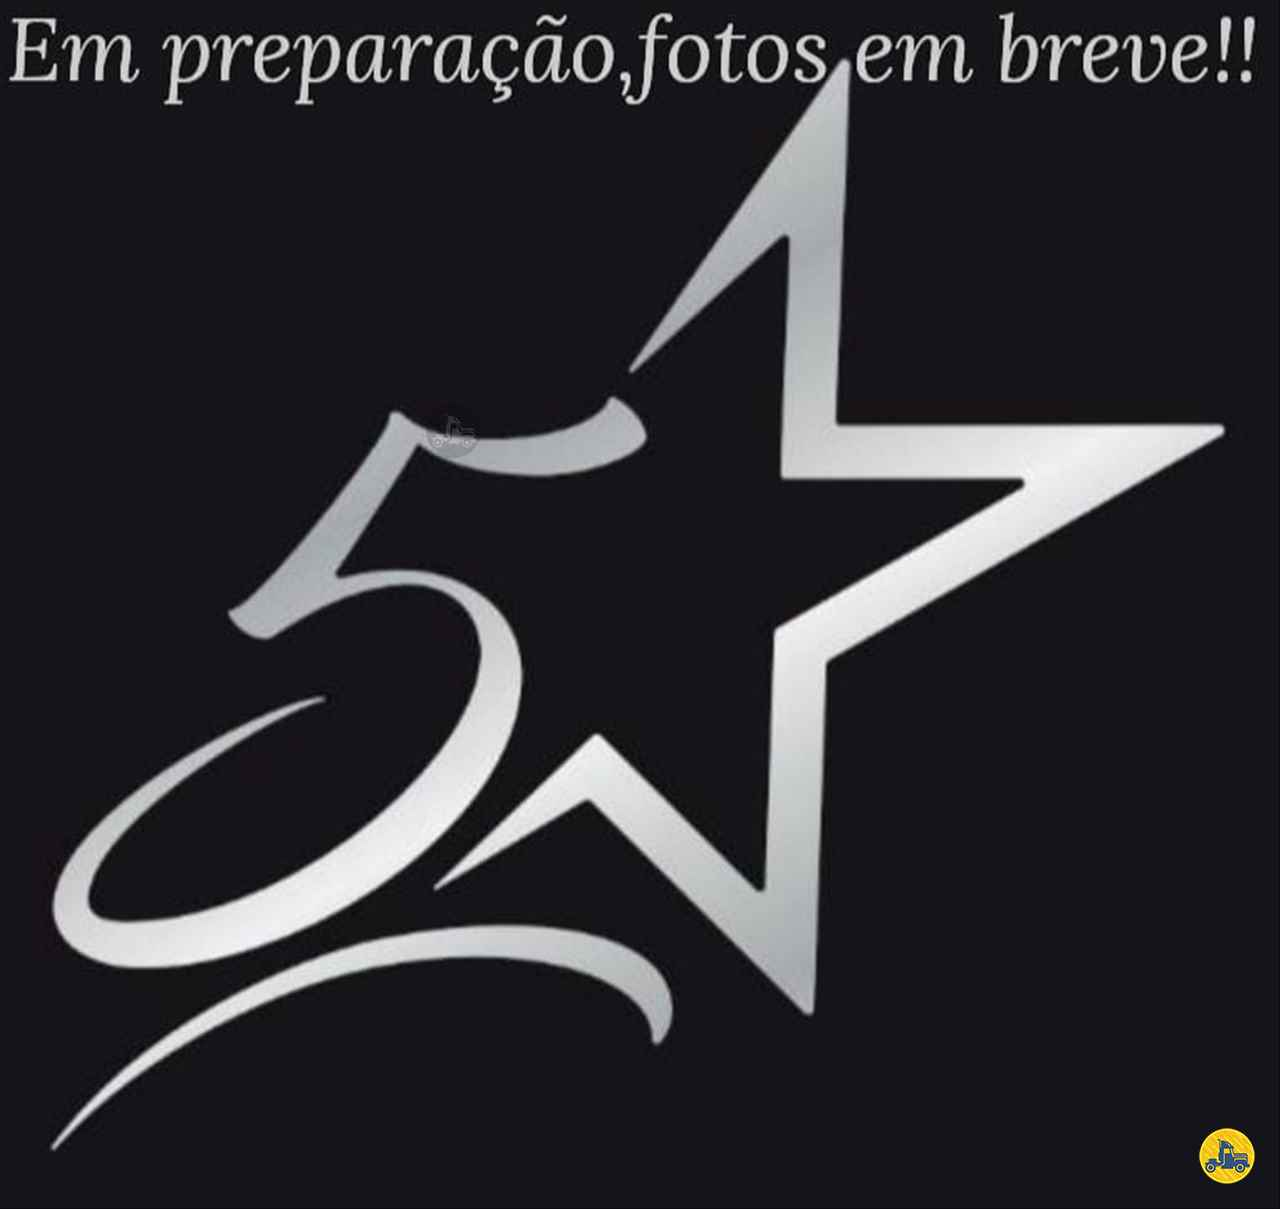 CAMINHAO MERCEDES-BENZ MB 2544 Cavalo Mecânico 3/4 6x2 05 Star Caminhões SUMARE SÃO PAULO SP